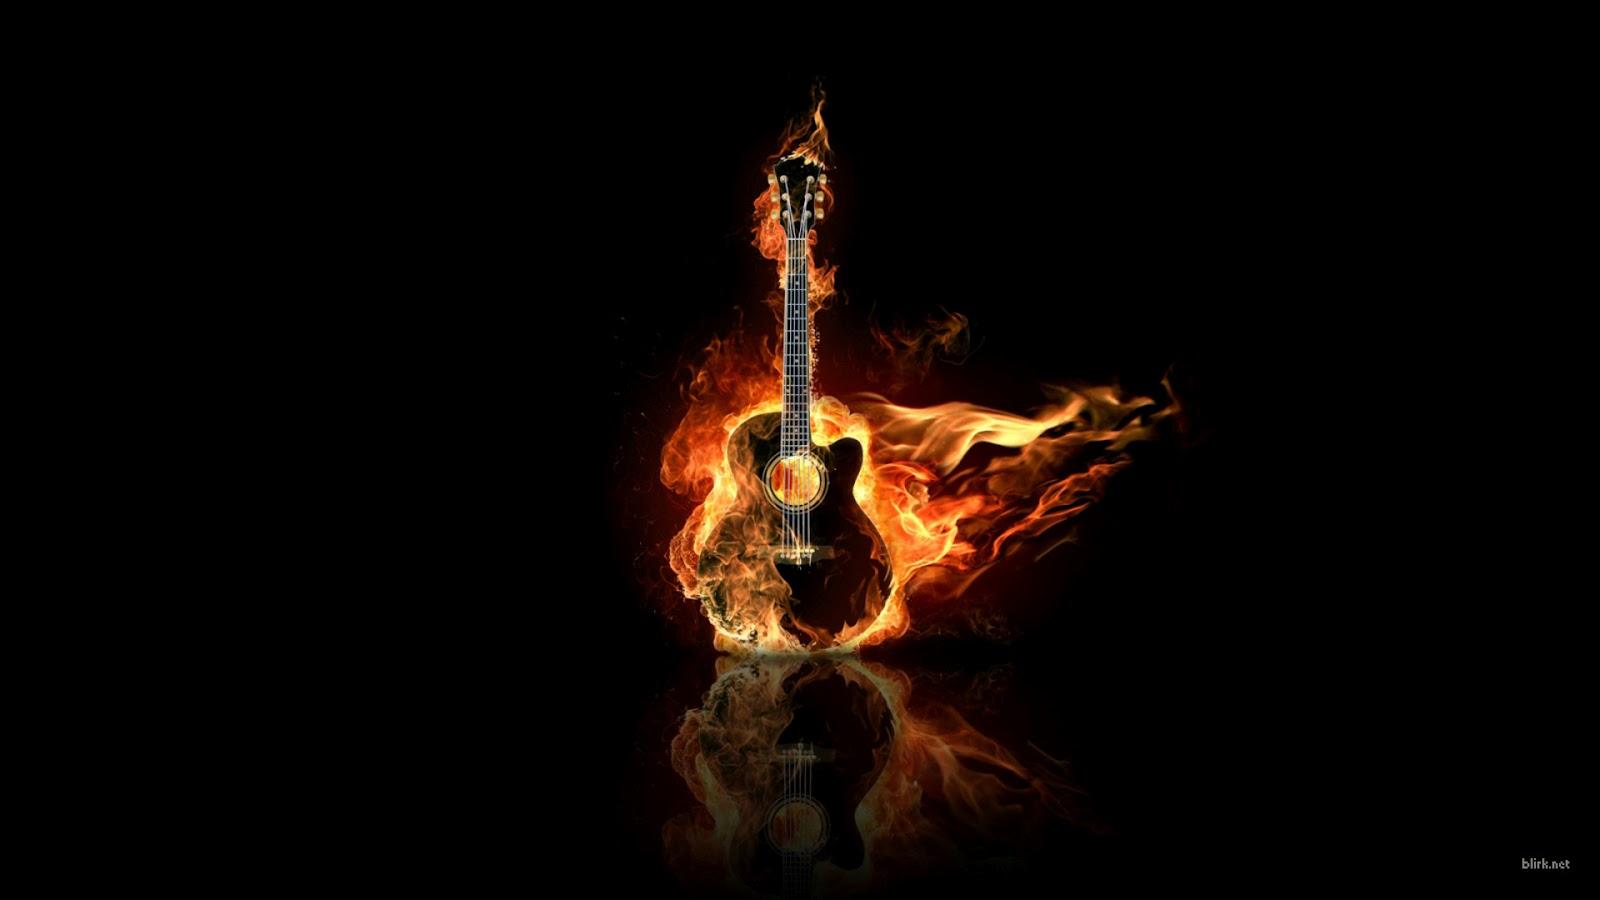 http://3.bp.blogspot.com/-QSOSNFy_PNA/T3so5xIAukI/AAAAAAAAAF0/uhESryKskHI/s1600/guitar+blog.jpg